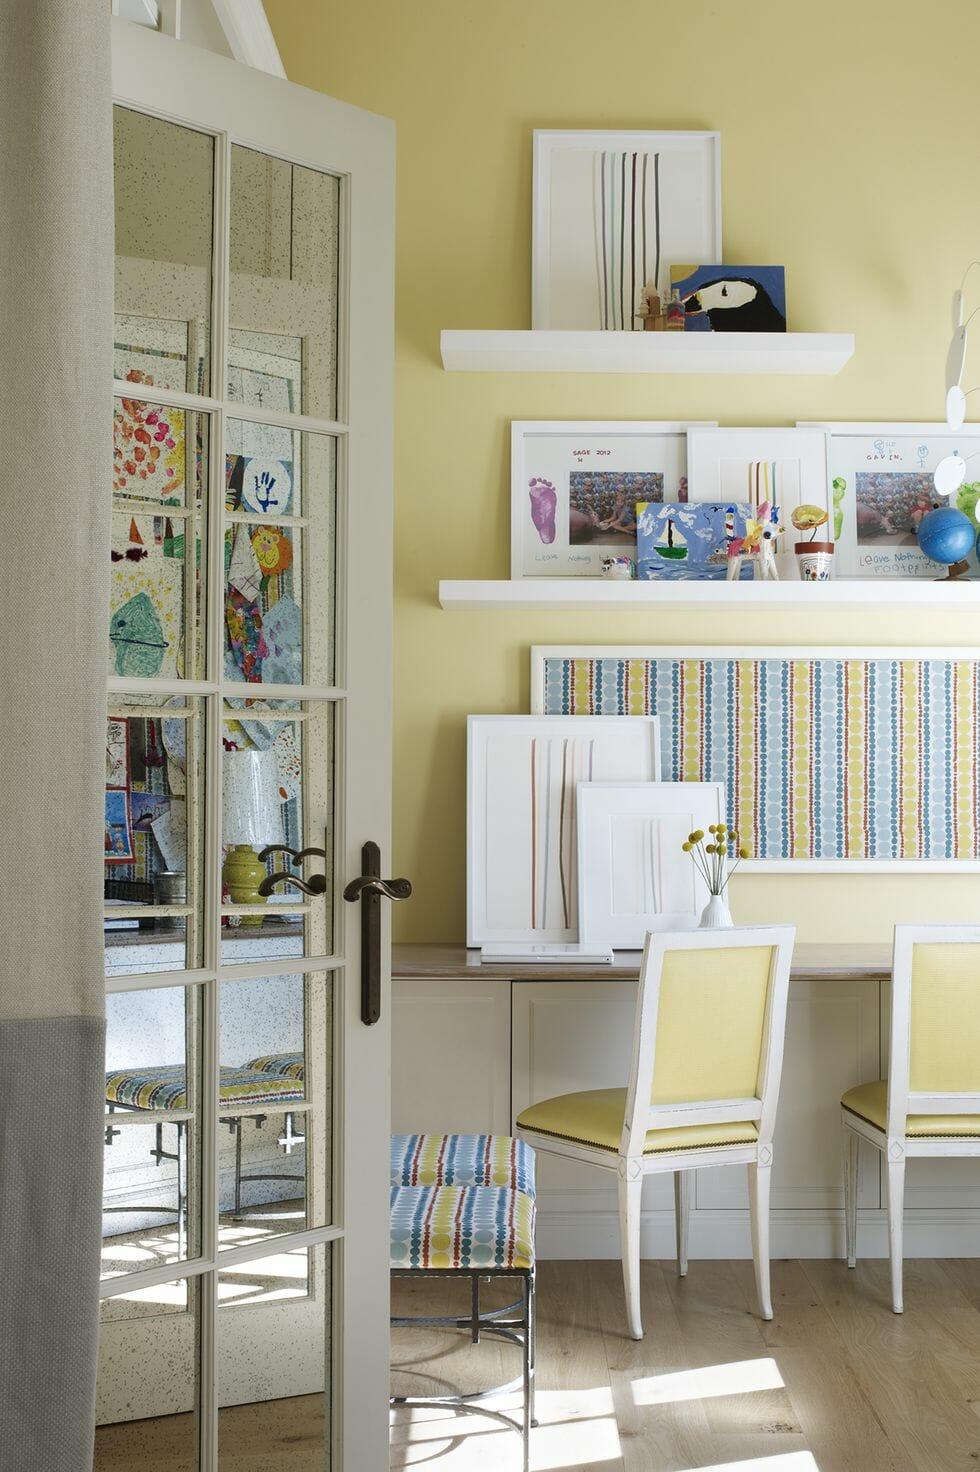 hình ảnh phòng của trẻ màu vàng dịu nhẹ